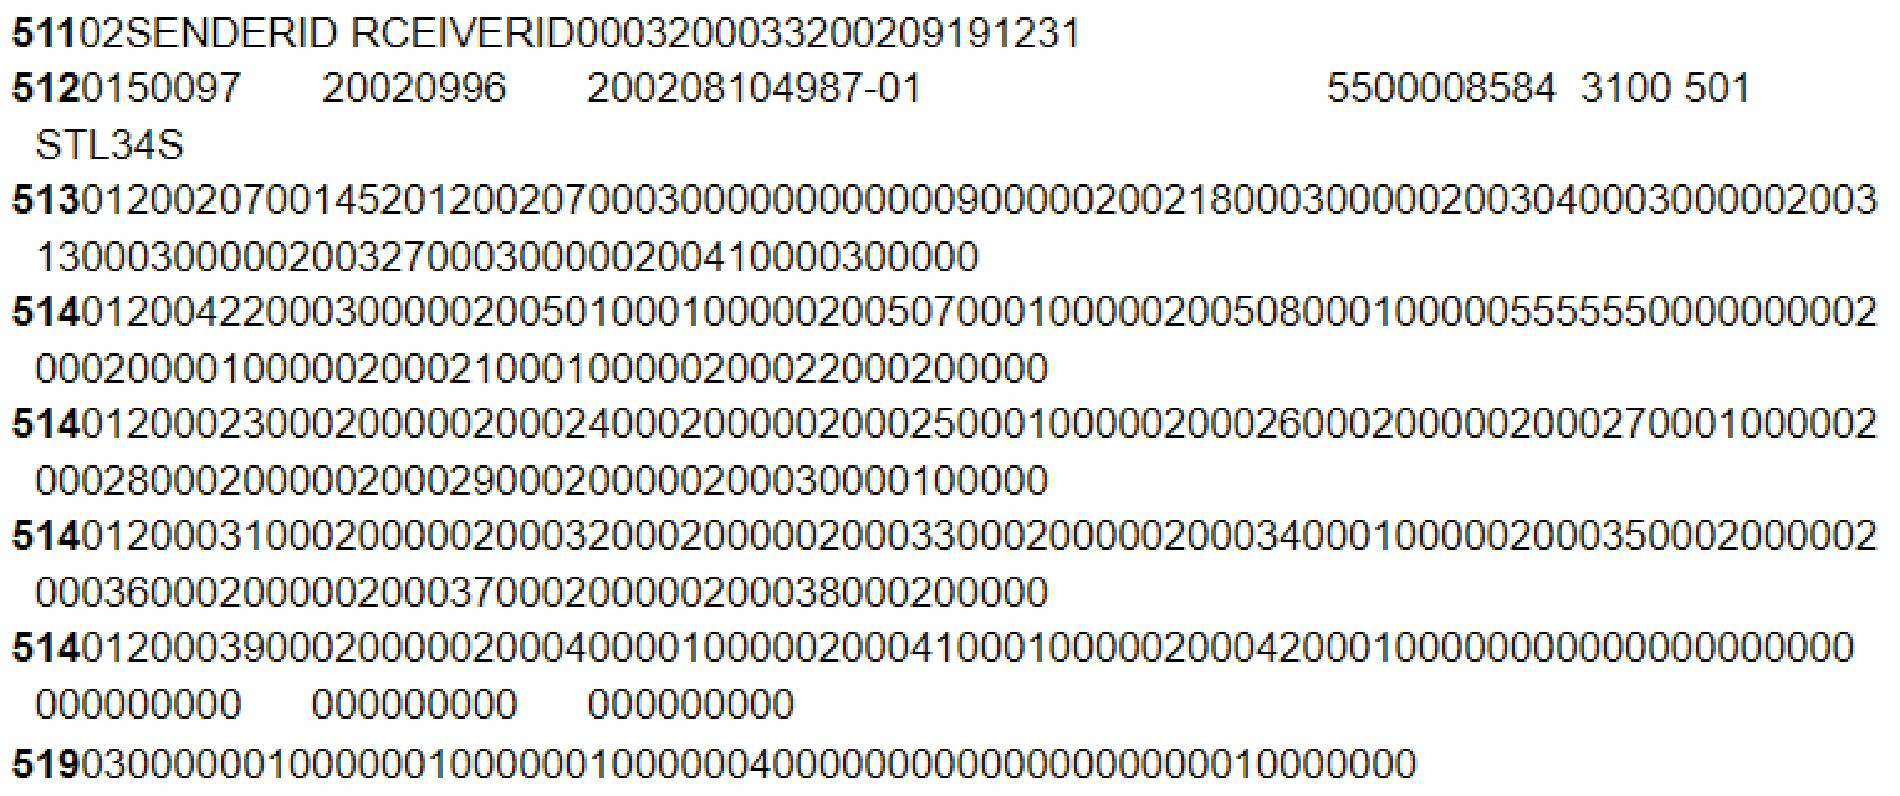 VDA - EDI File Formats